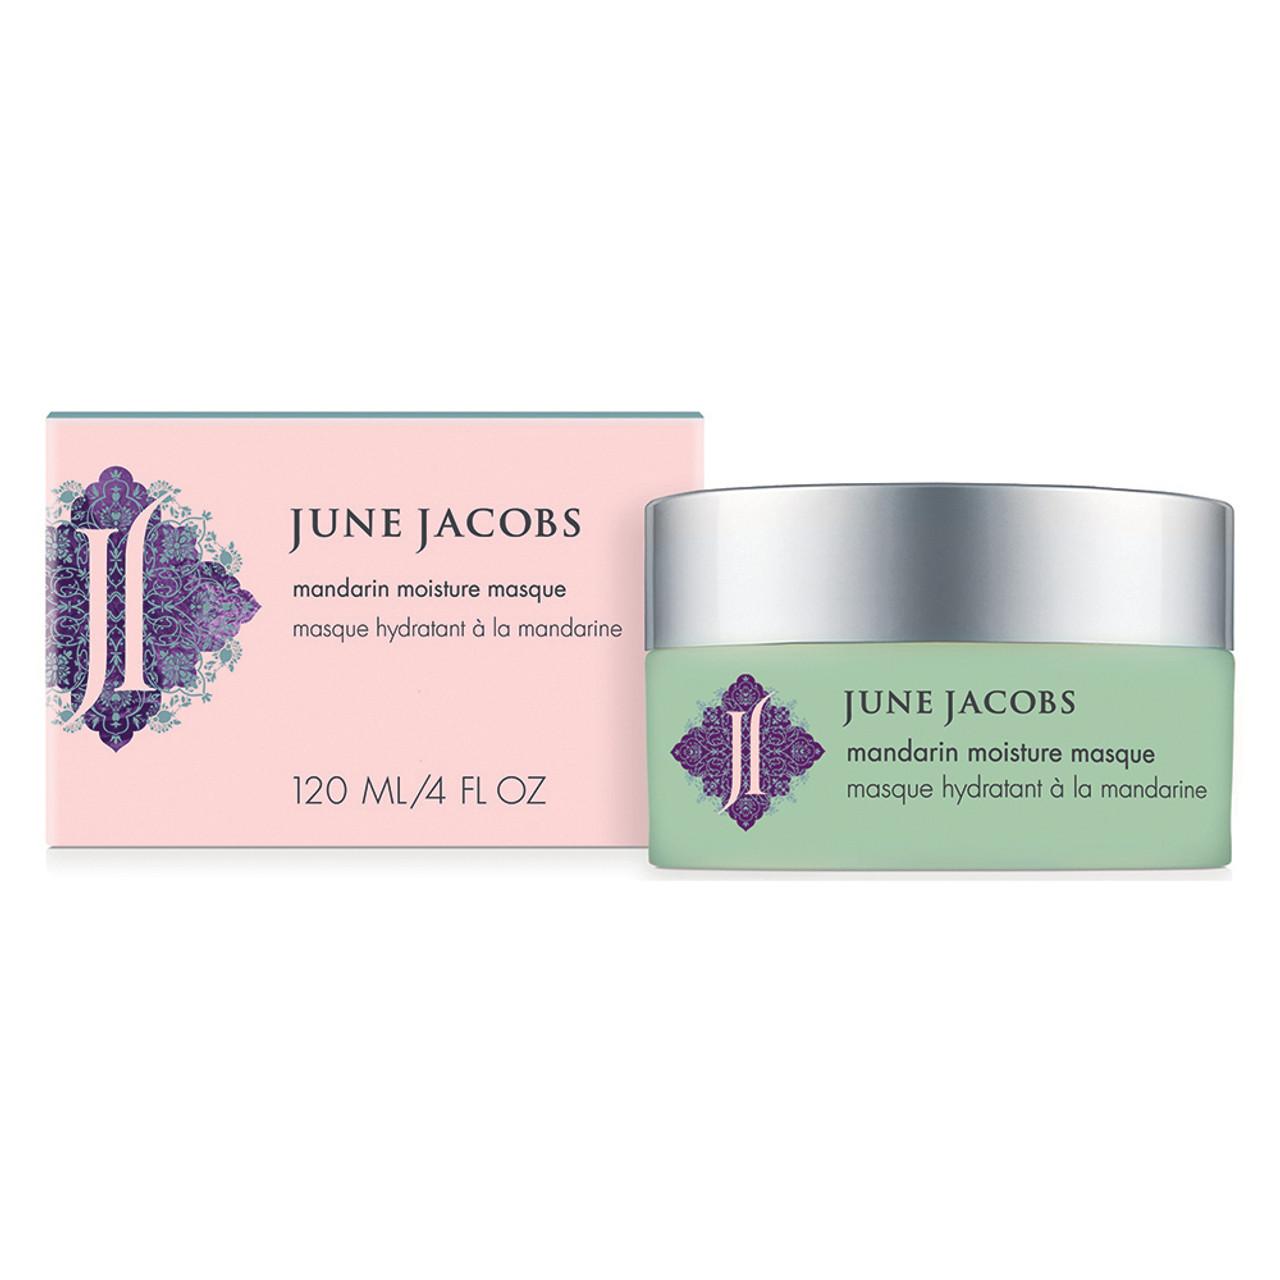 June Jacobs Mandarin Moisture Masque BeautifiedYou.com